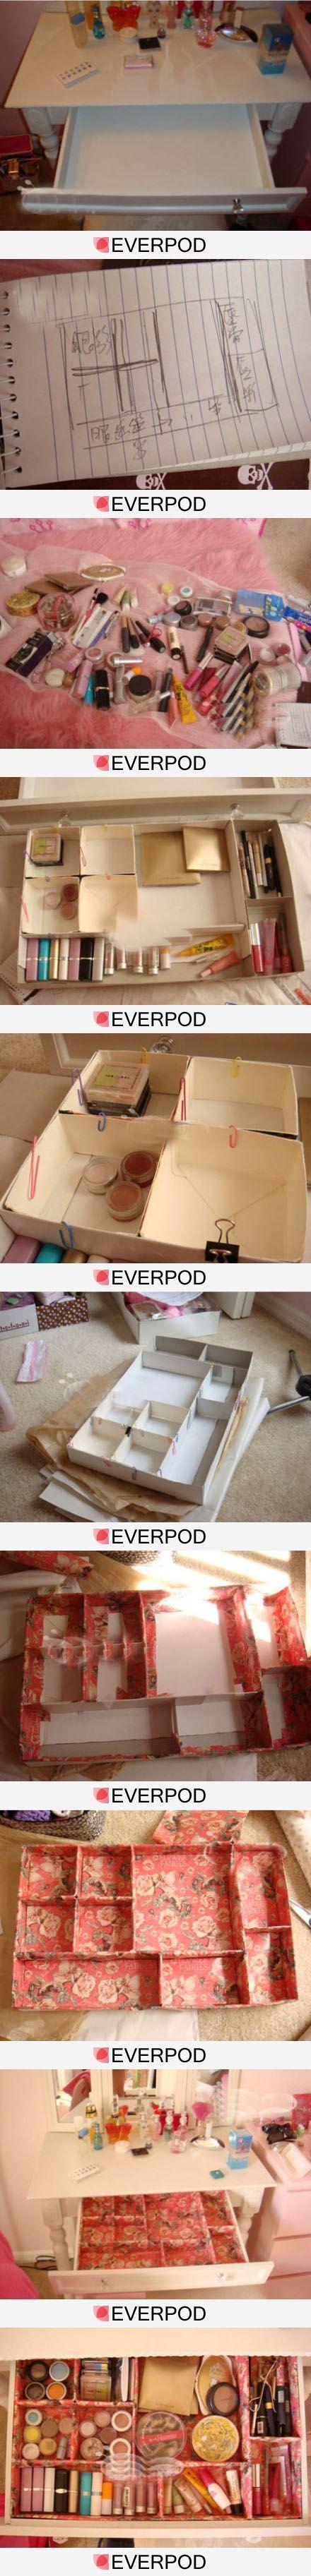 Aprenda a organizar aquela gaveta sempre desorganizada!